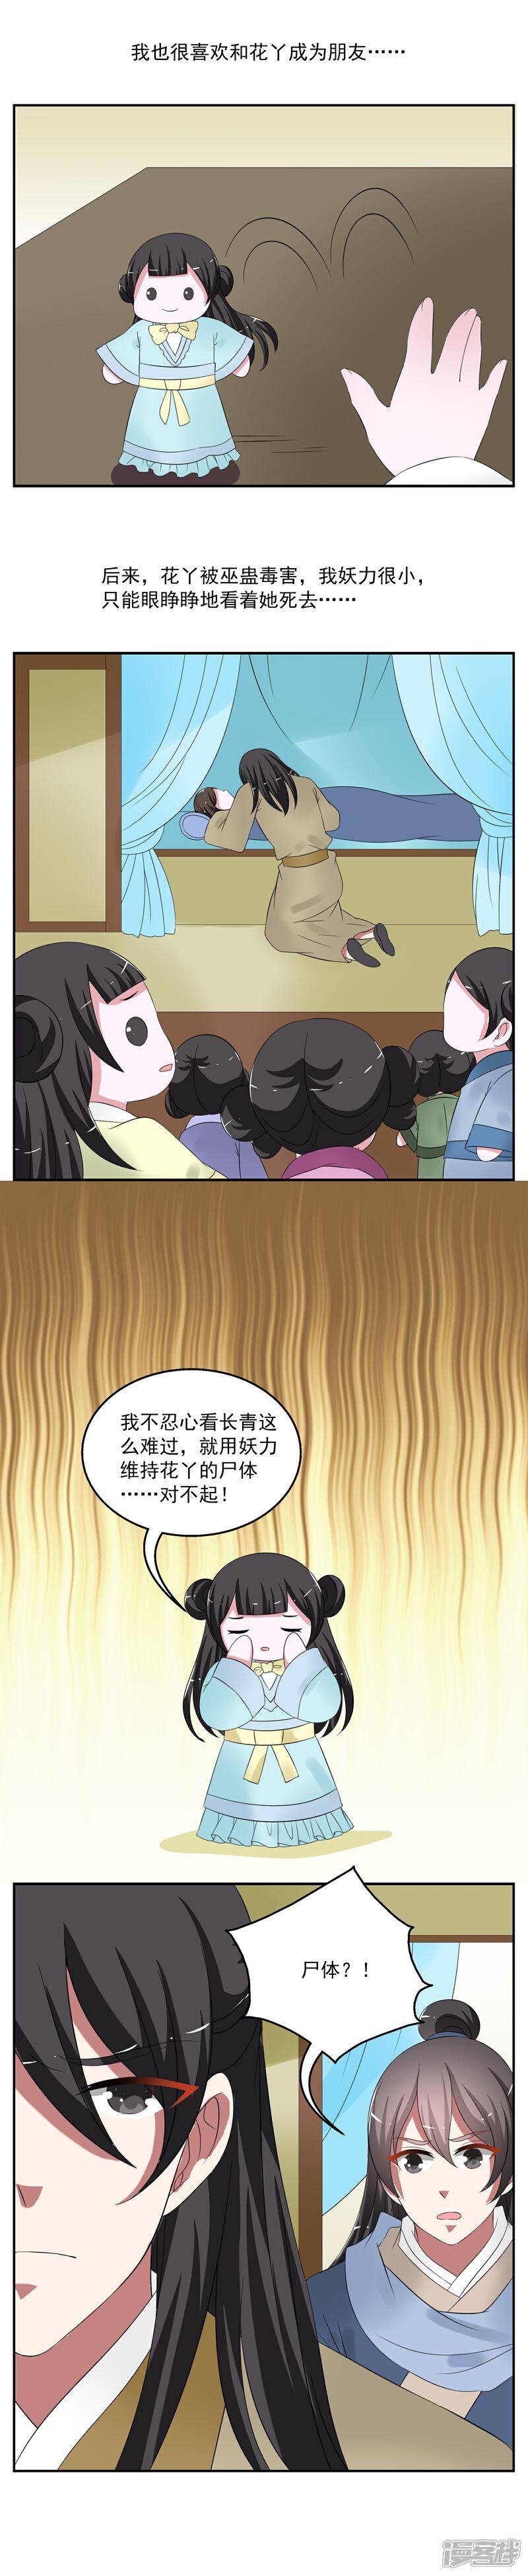 洛小妖171 (8).JPG